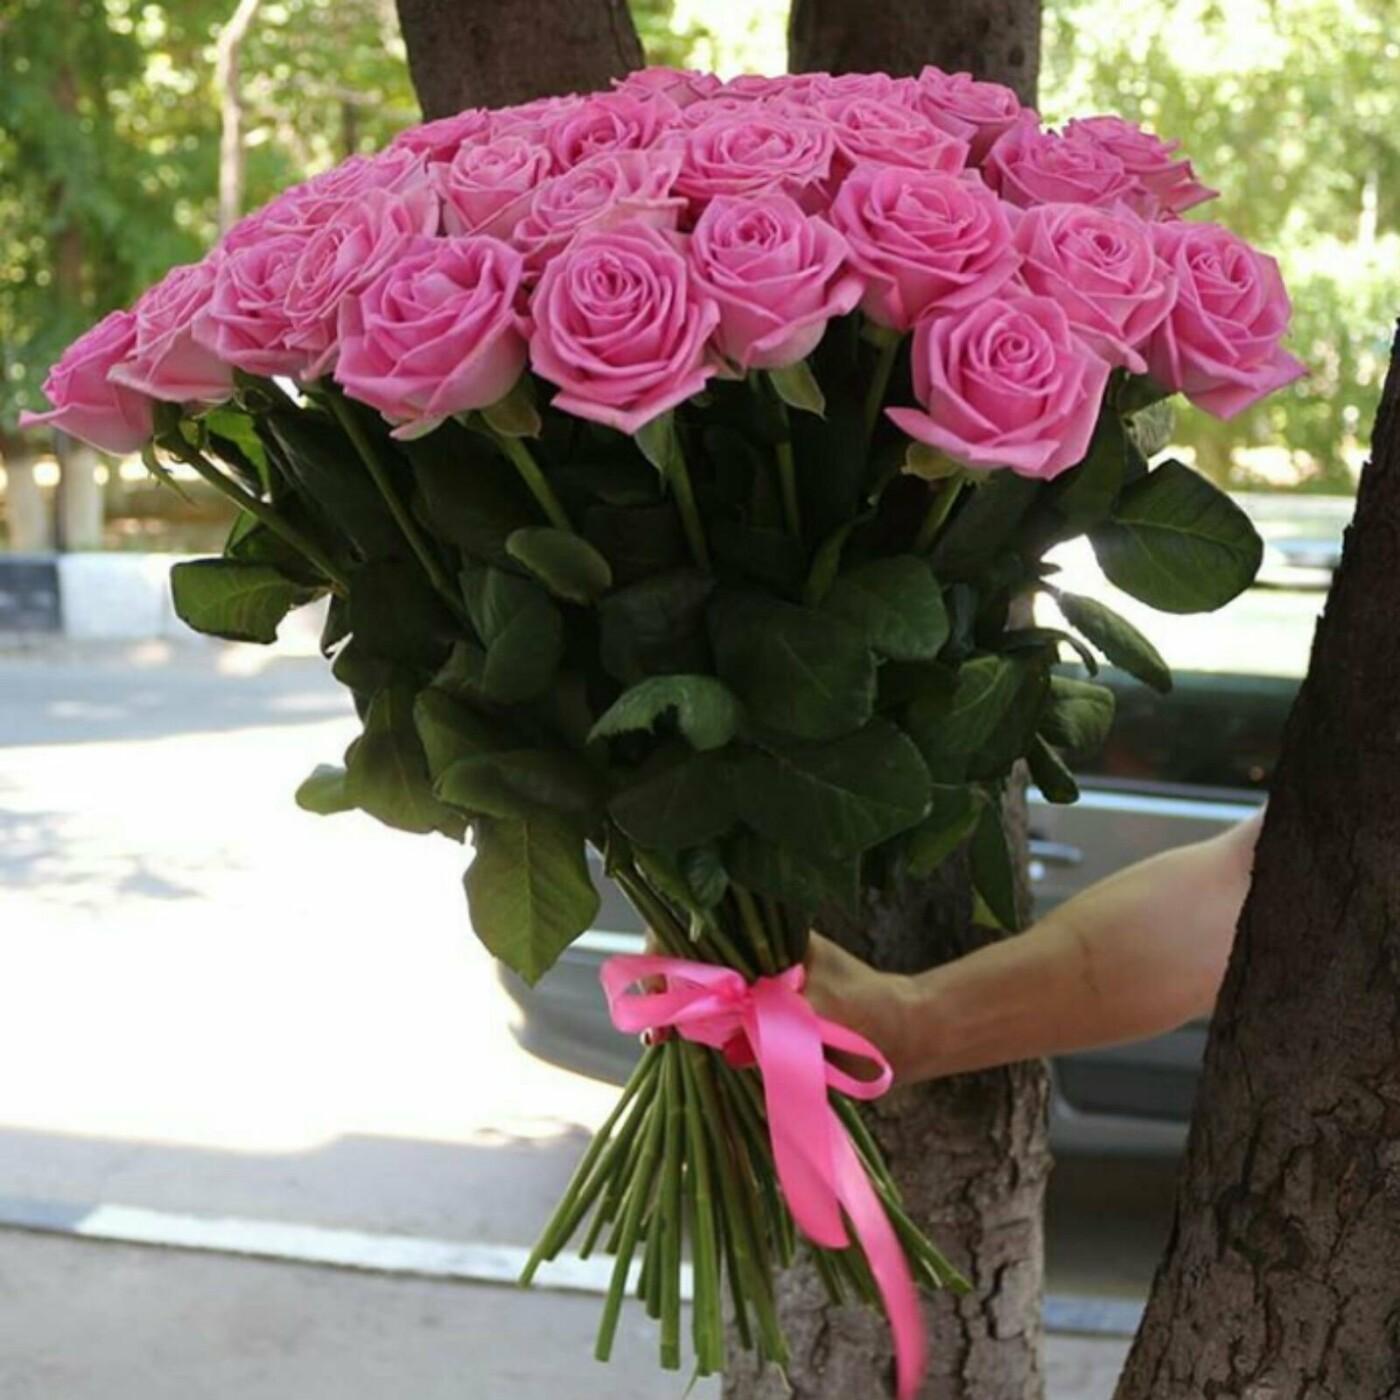 День влюбленных в Харькове: Что подарить и куда пойти вдвоем?, фото-29